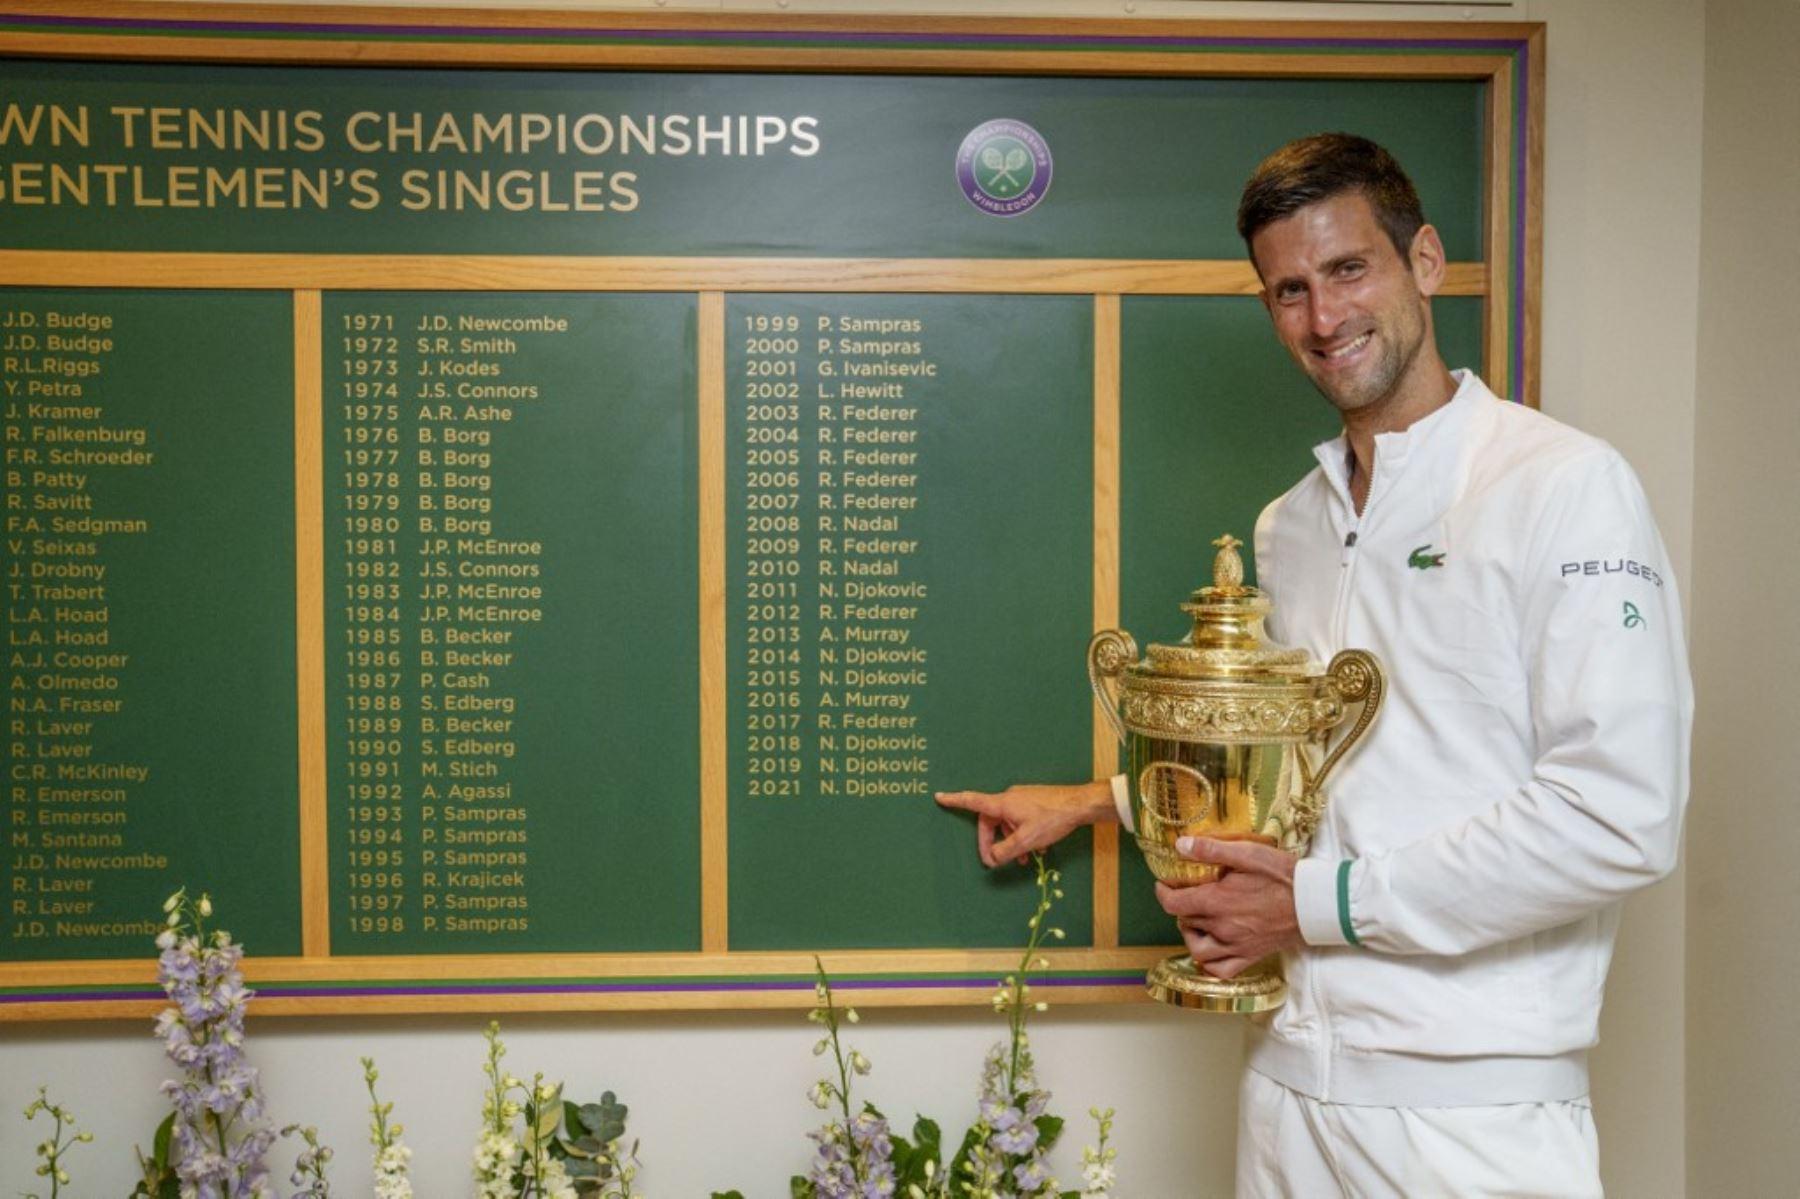 Djokovic es más número 1 en clasificación ATP tras ganar Wimbledon